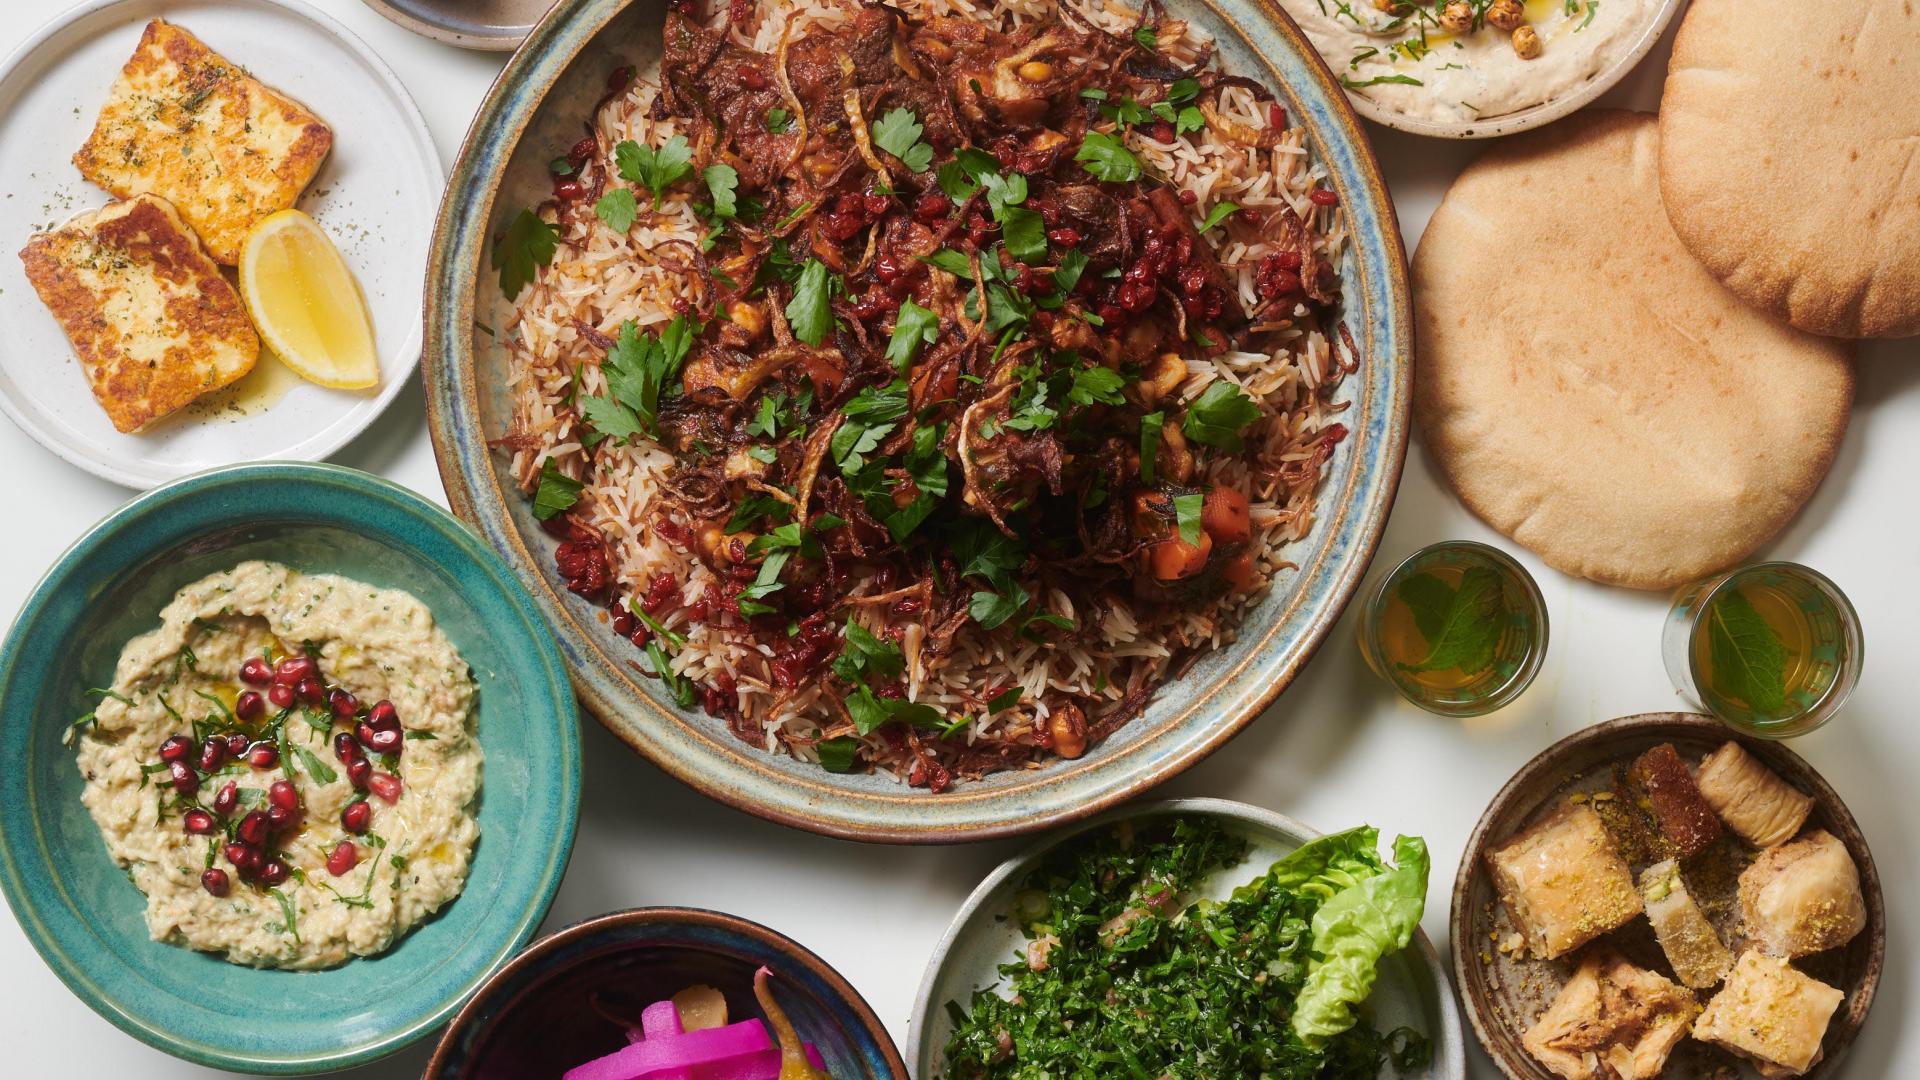 Restaurant meal kit: Arabia's Feast for Beirut